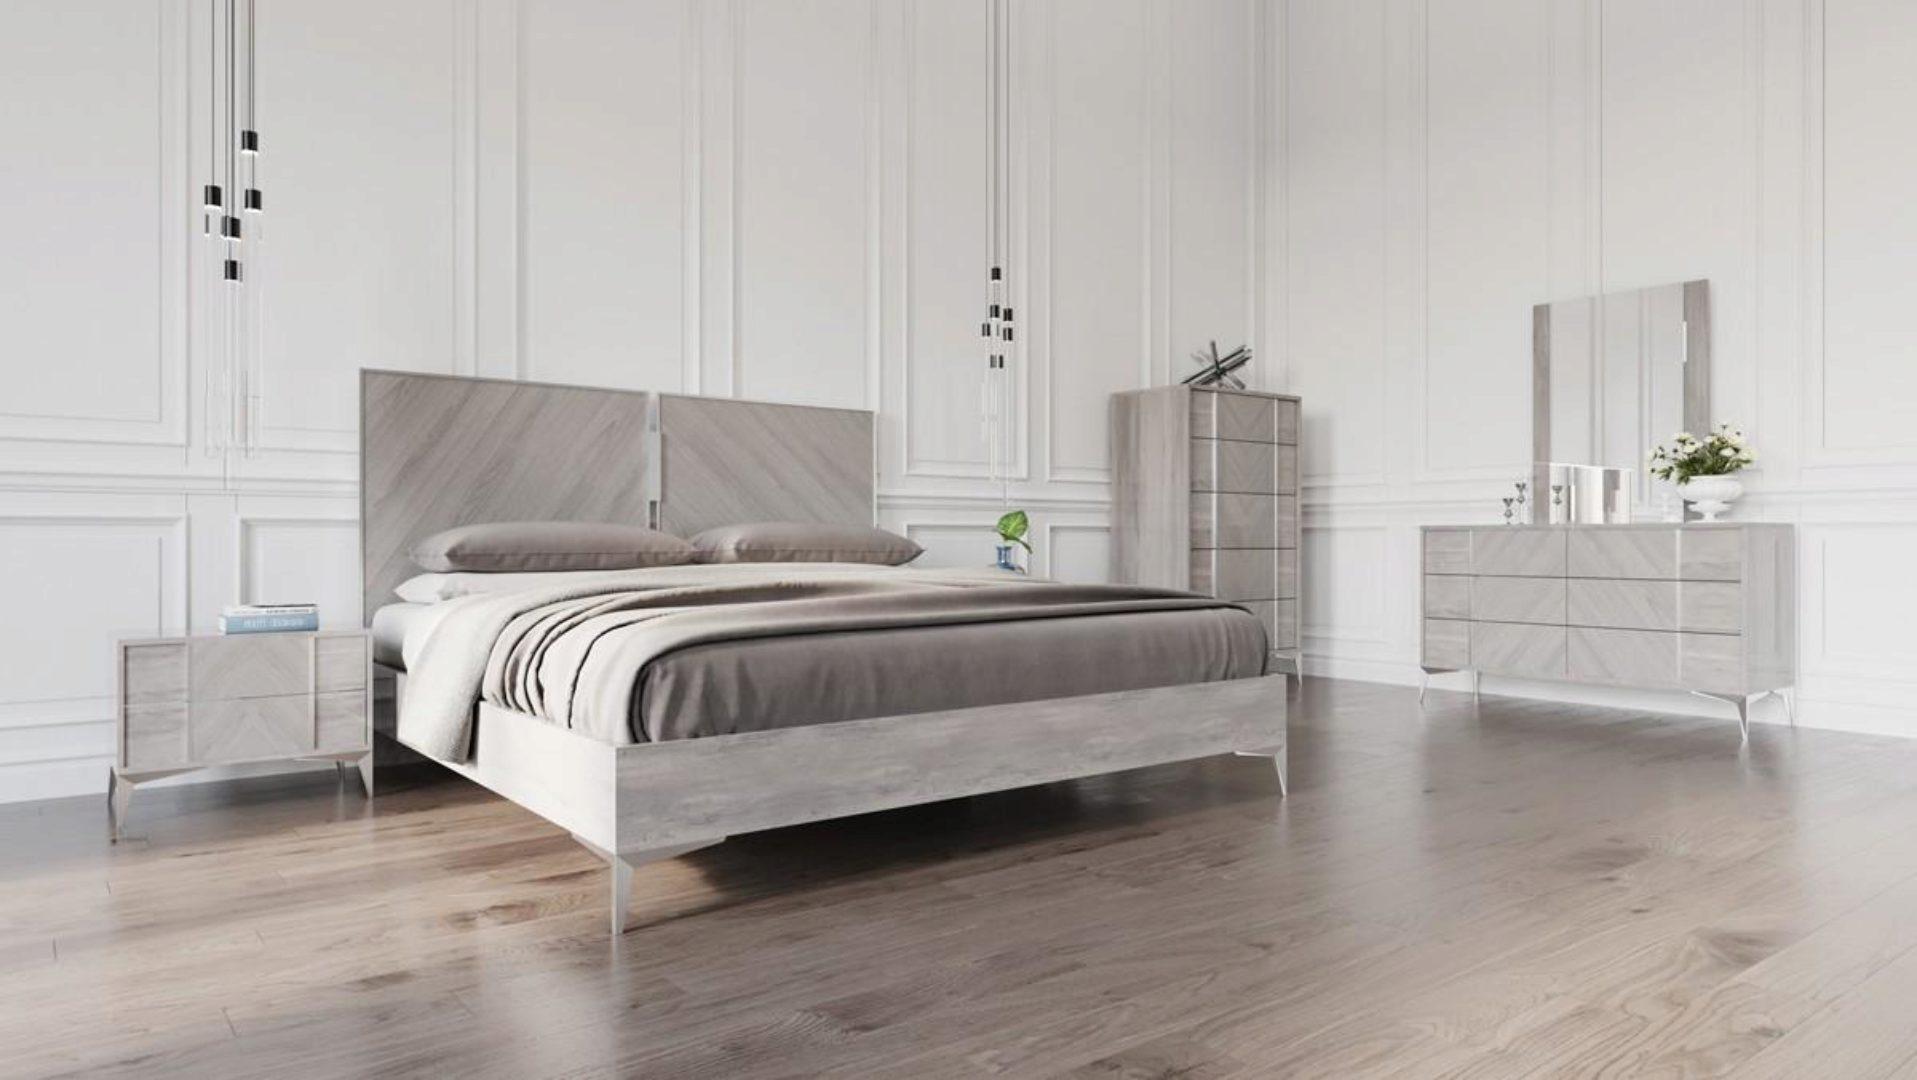 Vig Nova Domus Alexa Premium Italian Grey King Size Bedroom Set 5pcs Modern Vgacalexa Set Ek Set 5